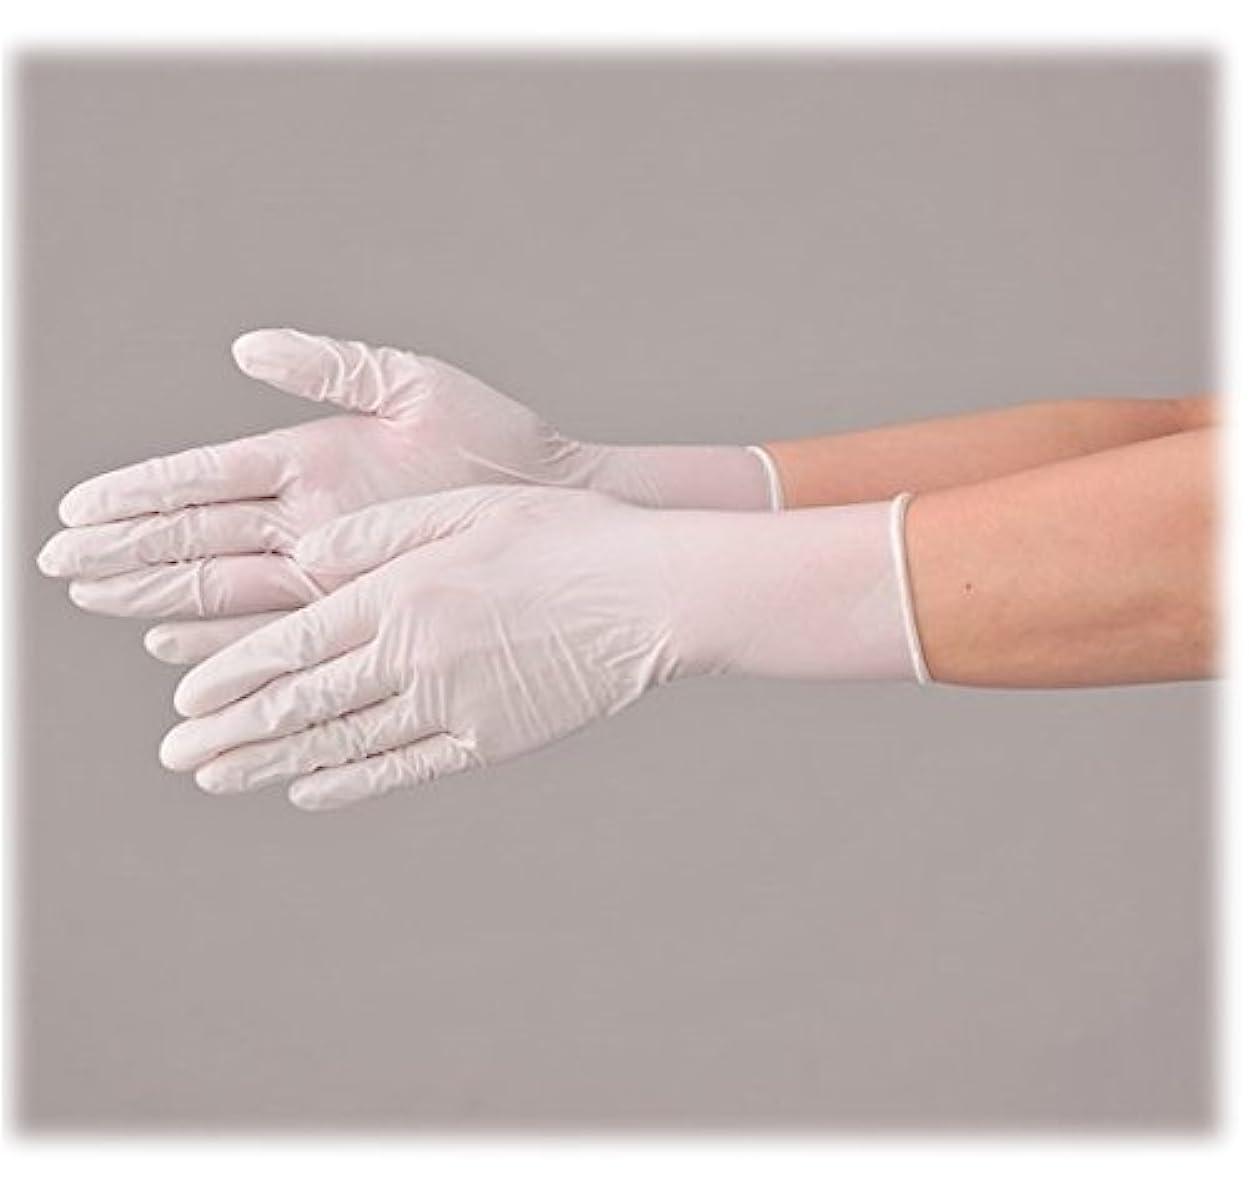 ライオネルグリーンストリートチェリー抽象化使い捨て 手袋 エブノ 510 ニトリル 極薄手袋 ホワイト Lサイズ 2ケース(100枚×40箱)